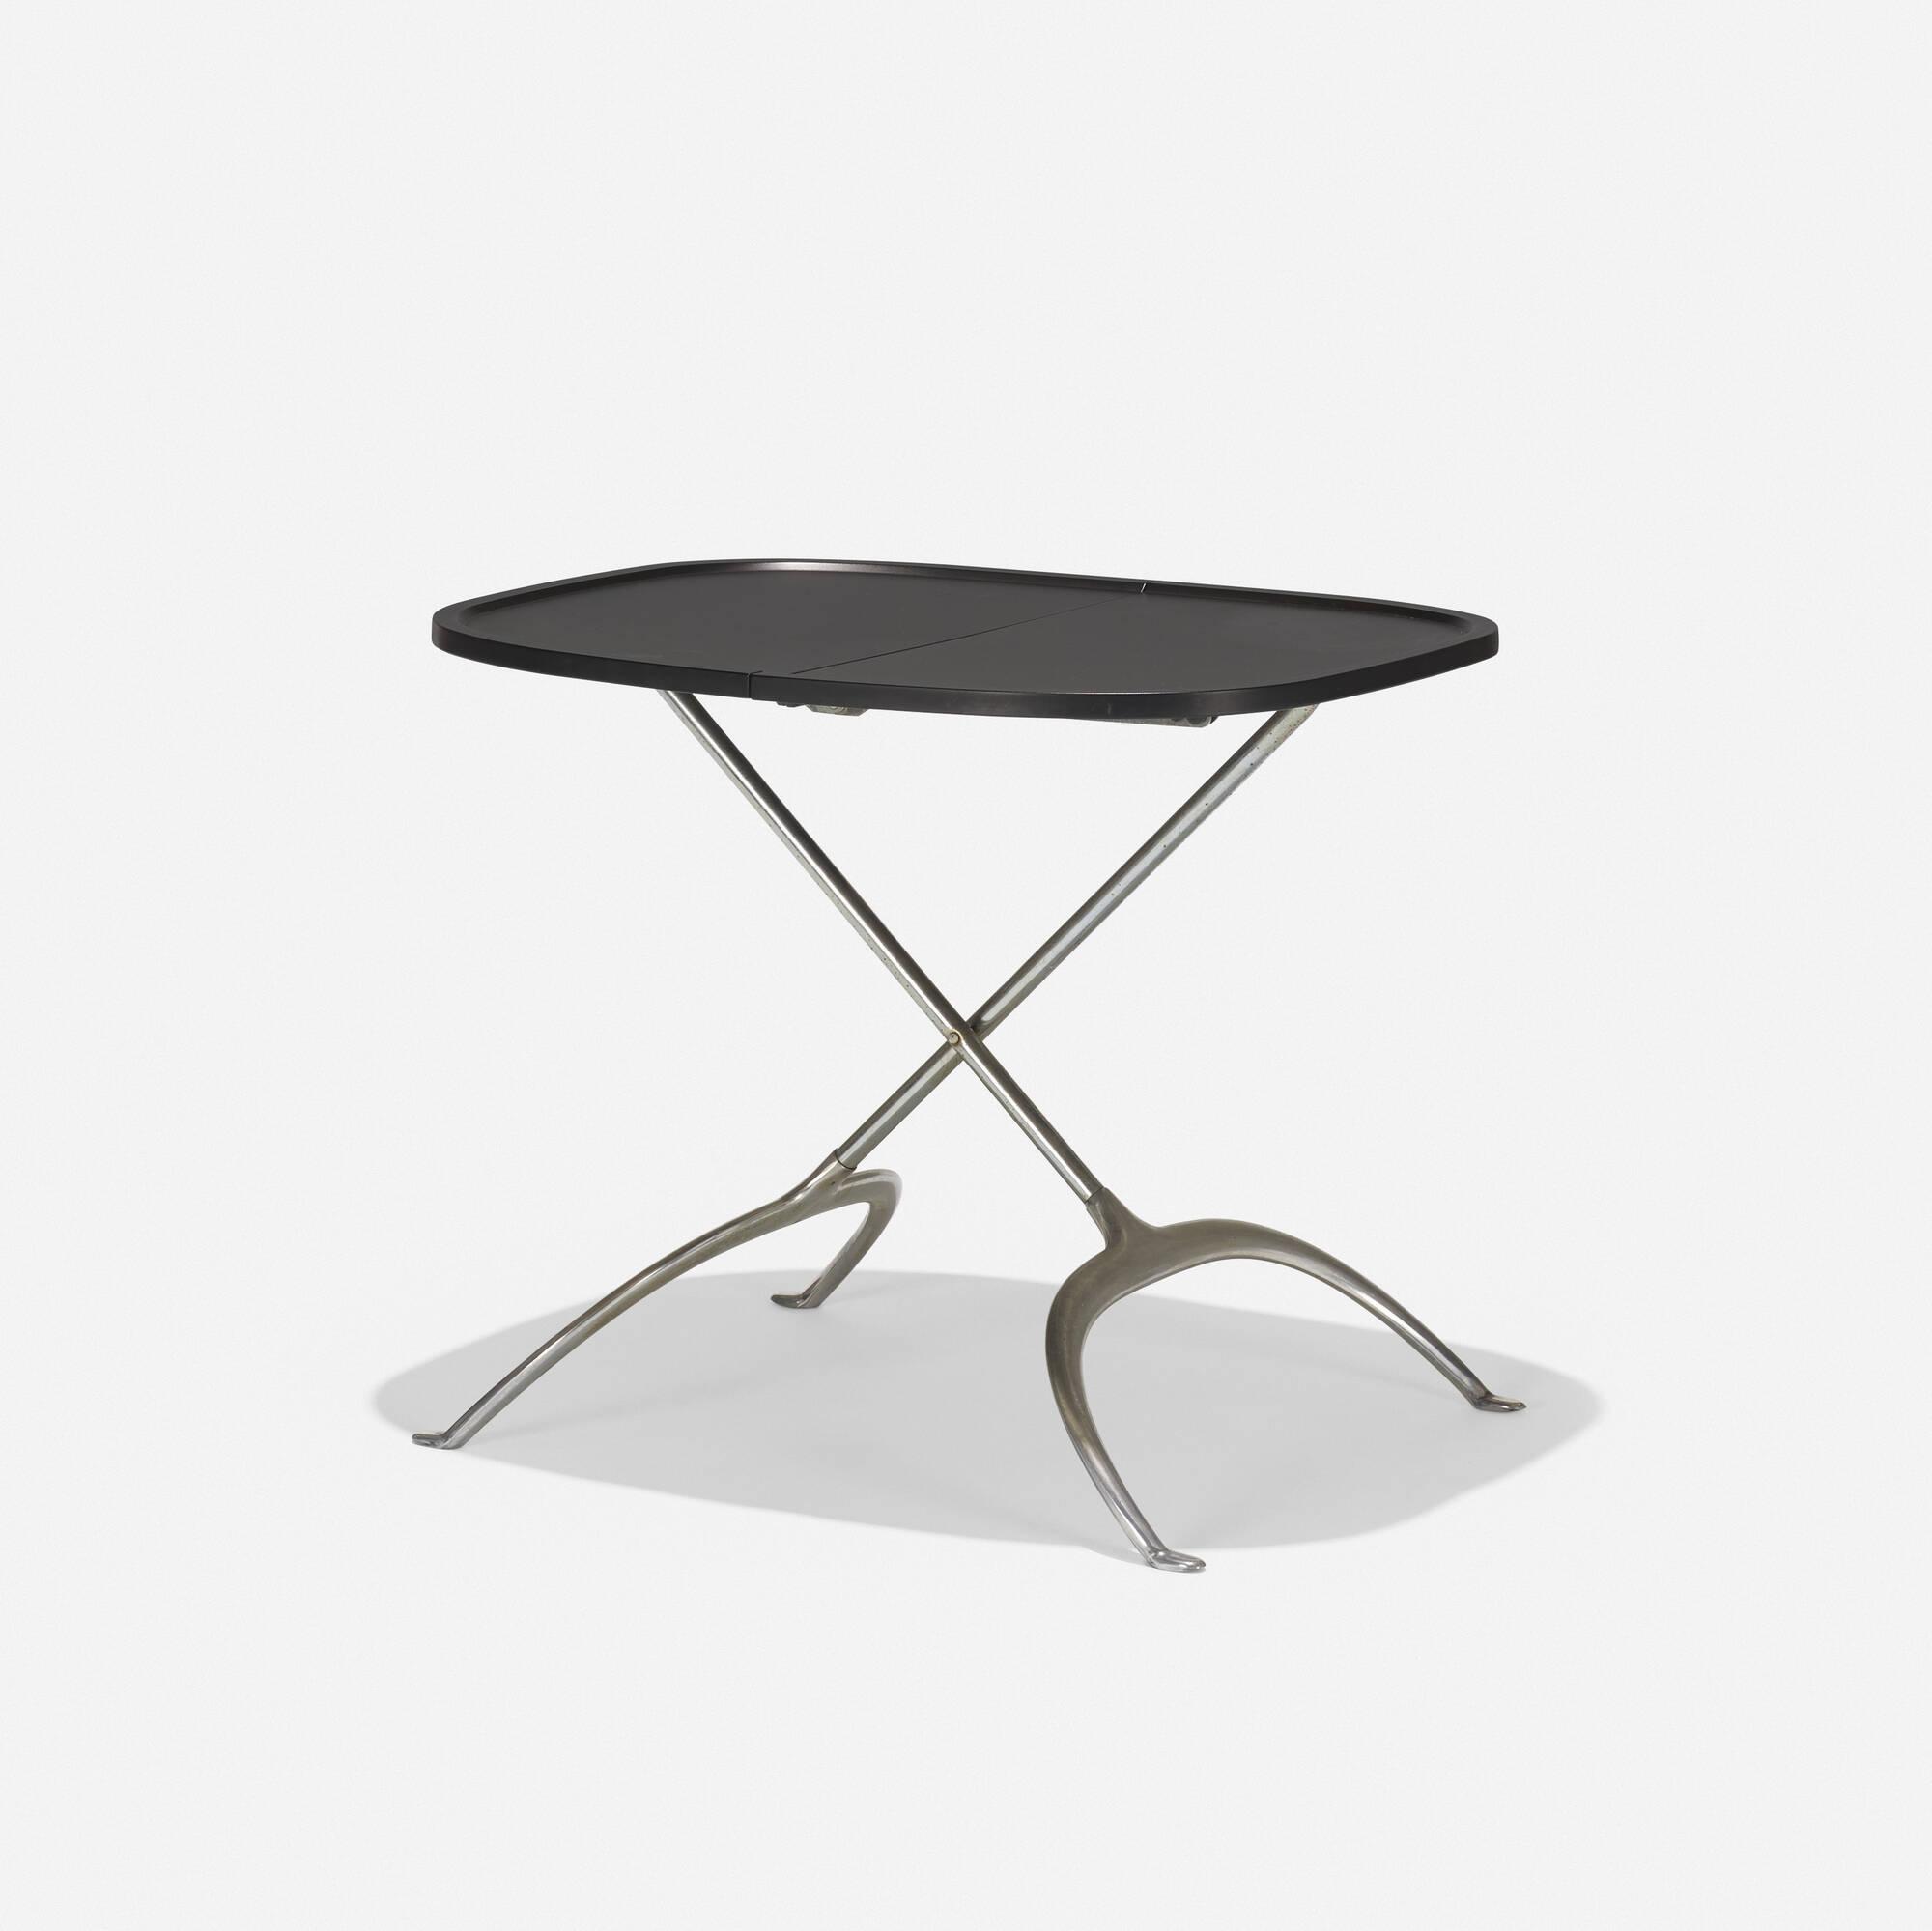 414: Antonio Citterio / Leopoldo folding table (1 of 3)